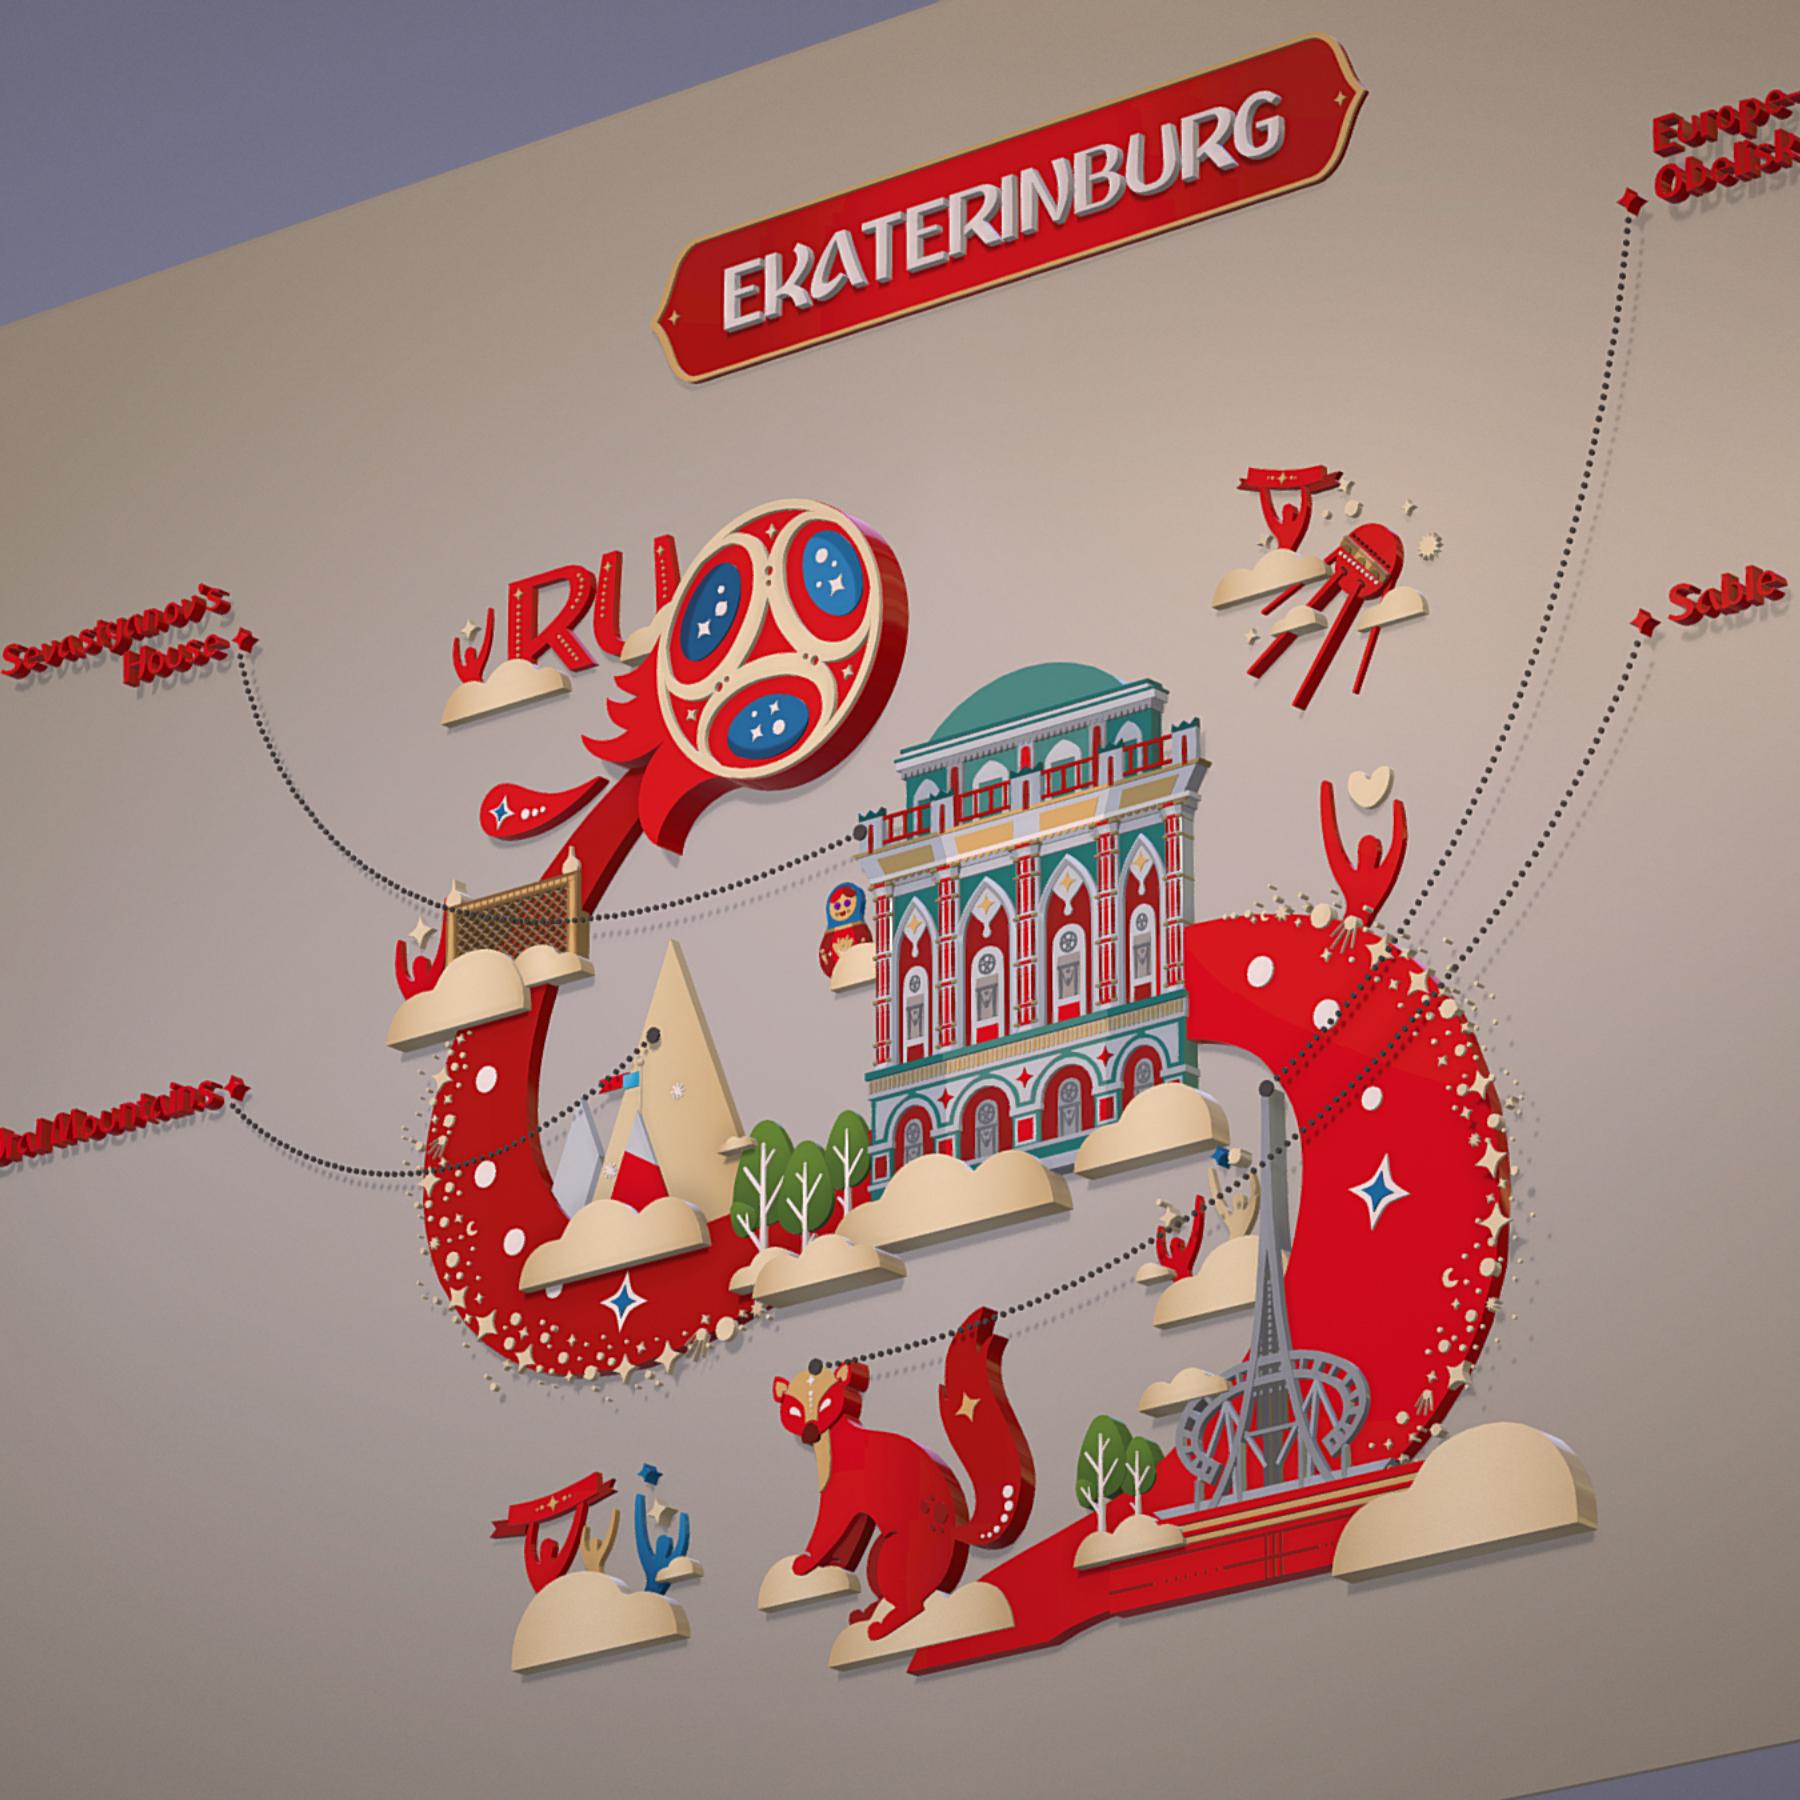 fifa wold cup 2018 russia host city ekaterinburg 3d model max  fbx jpeg jpg ma mb obj 271365